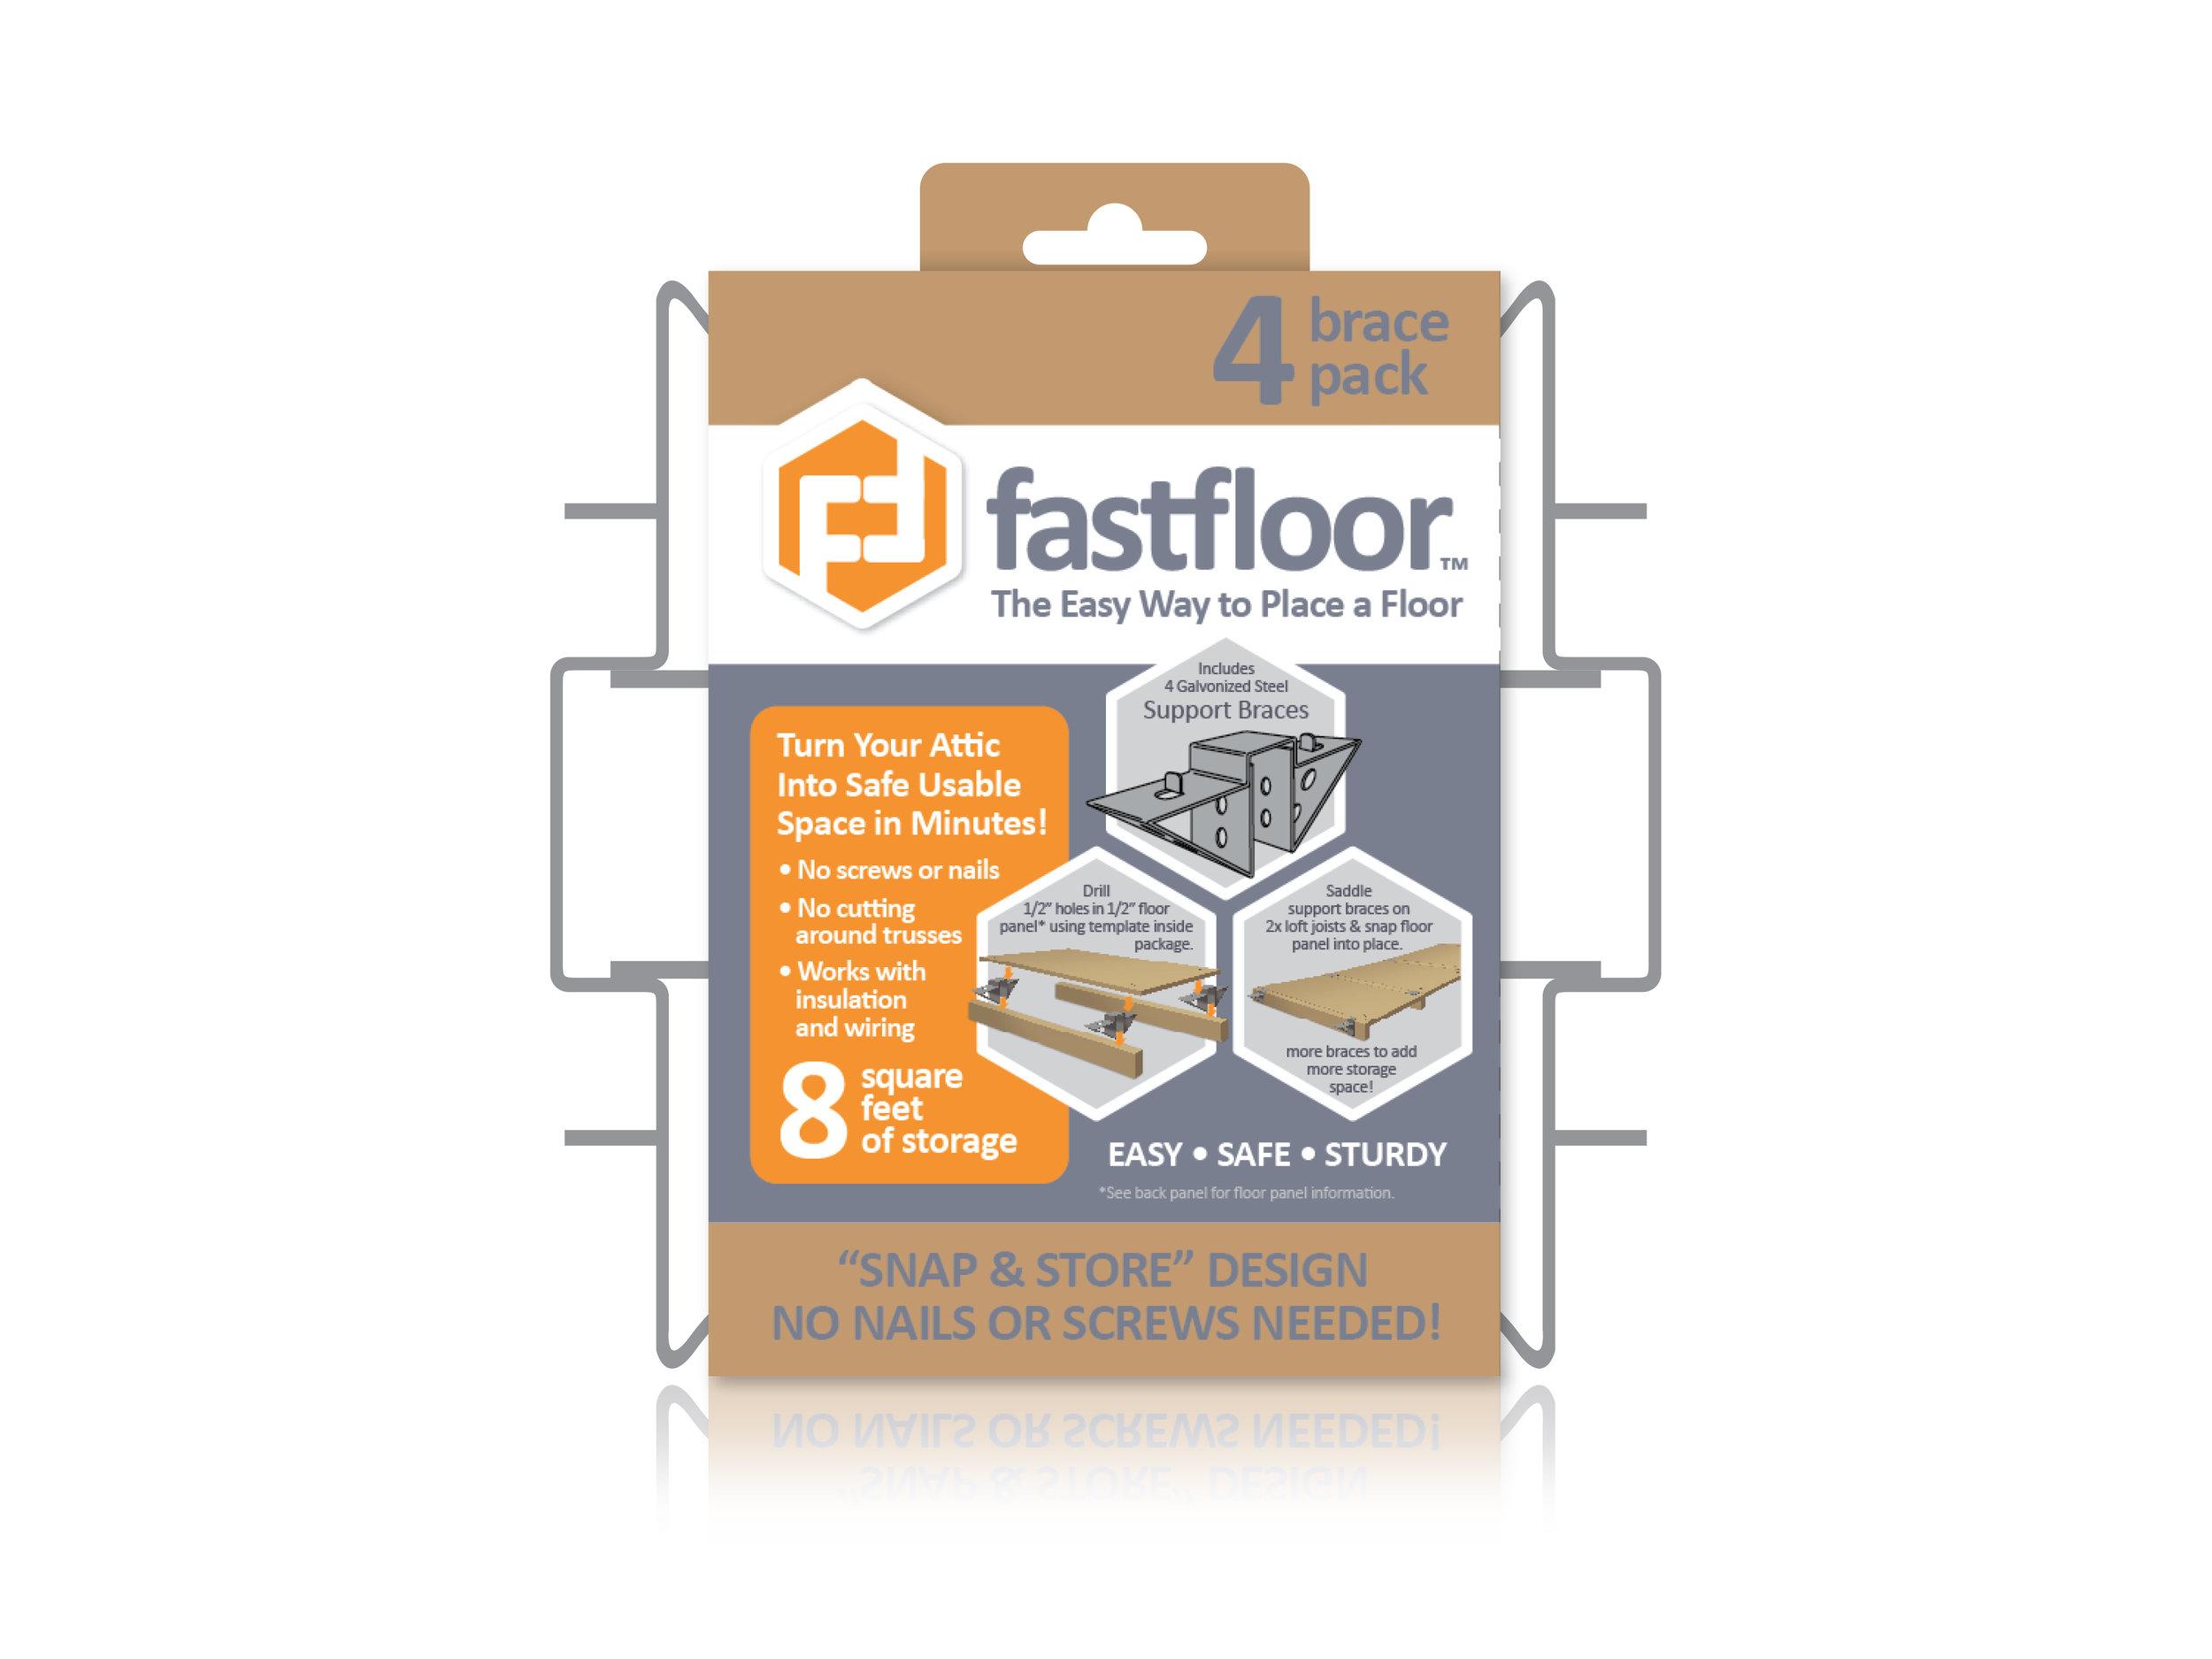 Whoville FastFloor Packaging.jpg